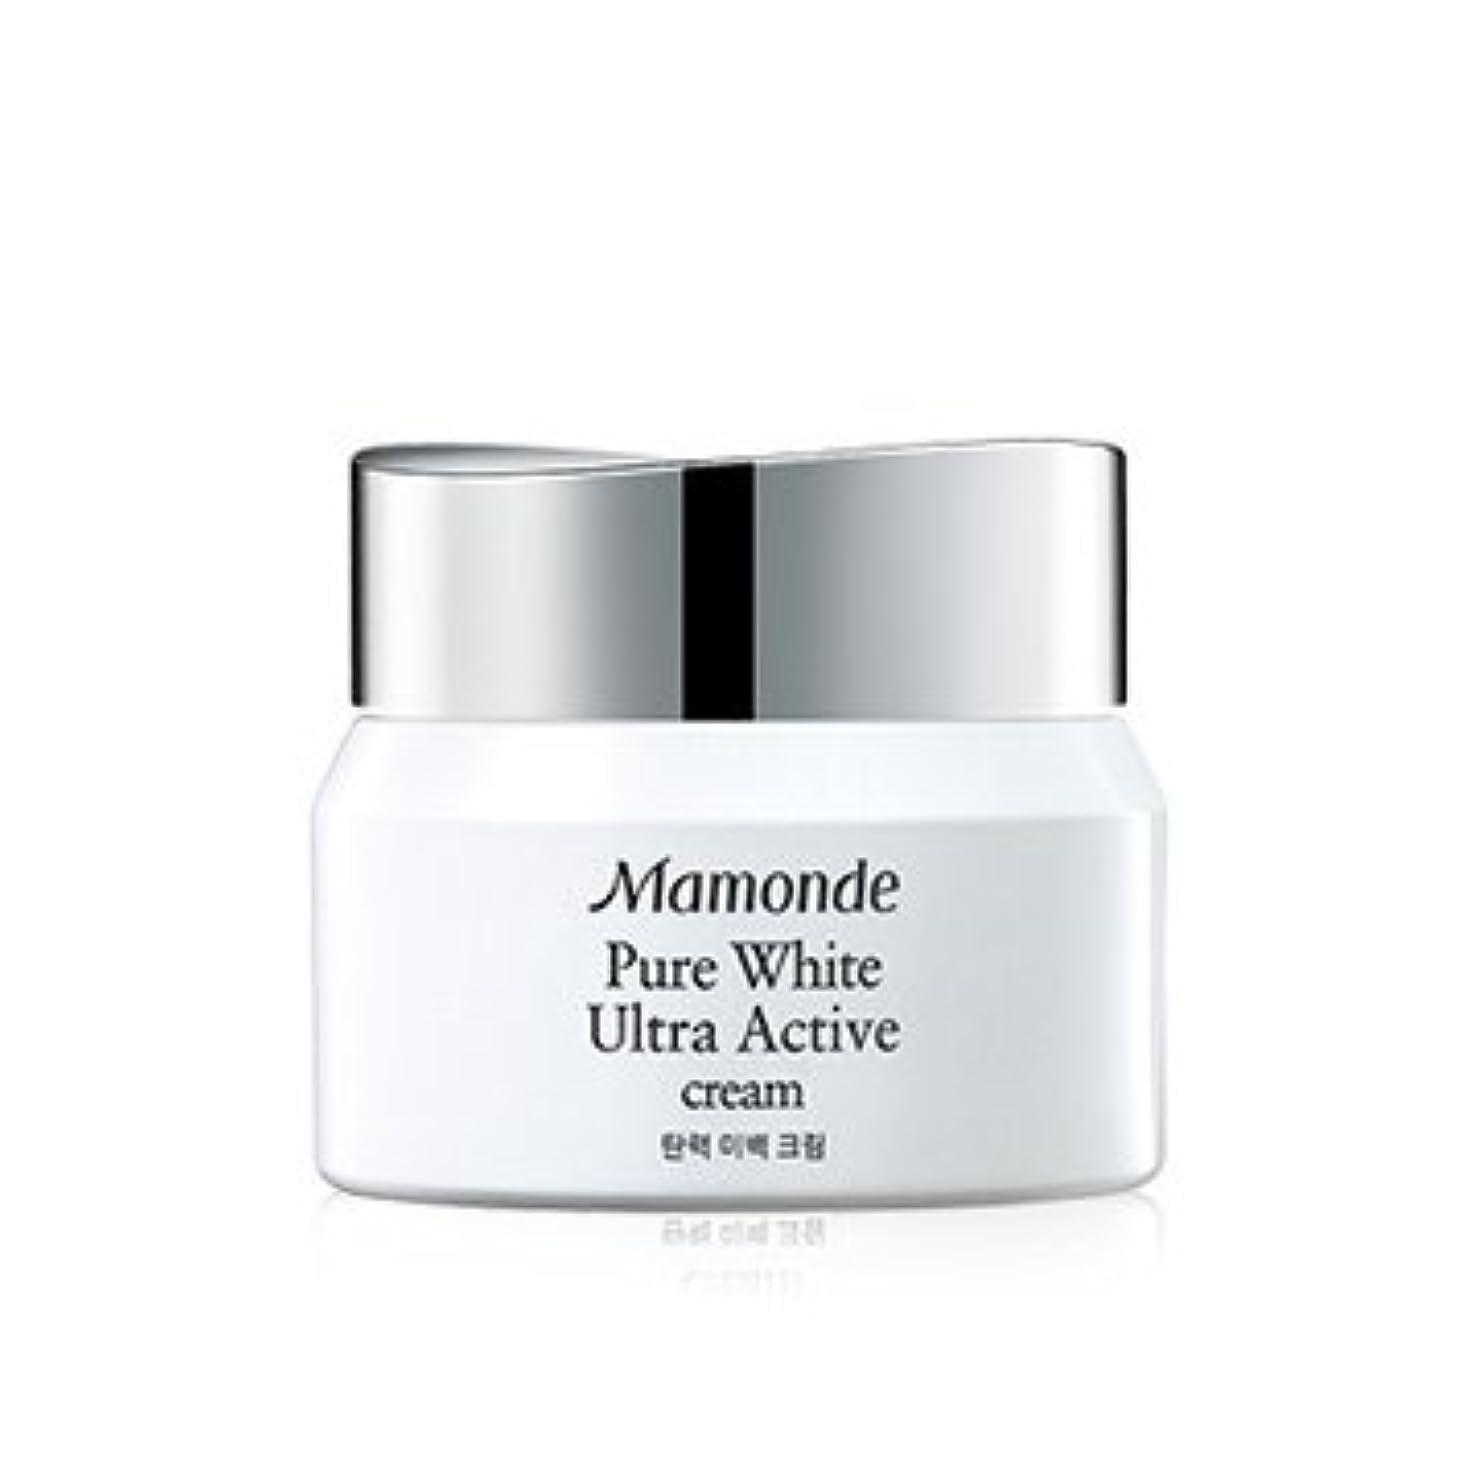 浅い区画霜Mamonde Pure White Ultra Active Cream 50ml/マモンド ピュア ホワイト ウルトラ アクティブ クリーム 50ml [並行輸入品]